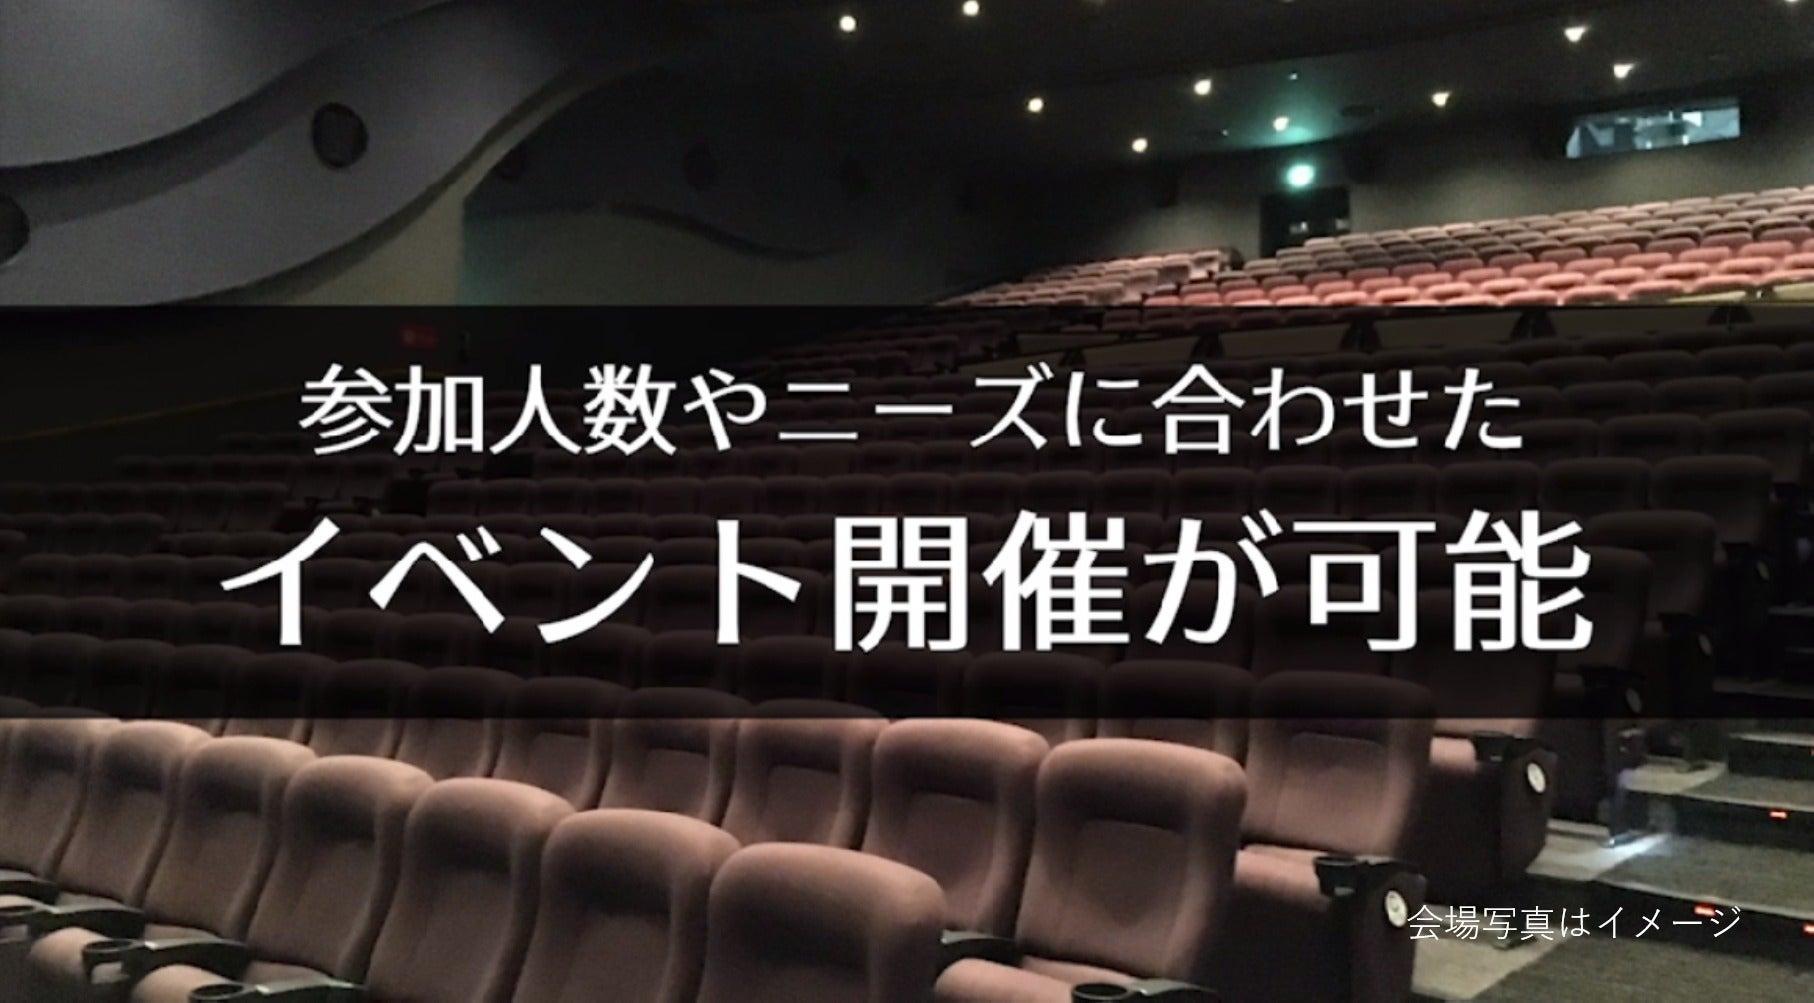 【新潟 253席】映画館で、会社説明会、株主総会、講演会の企画はいかがですか?(ユナイテッド・シネマ新潟) の写真0